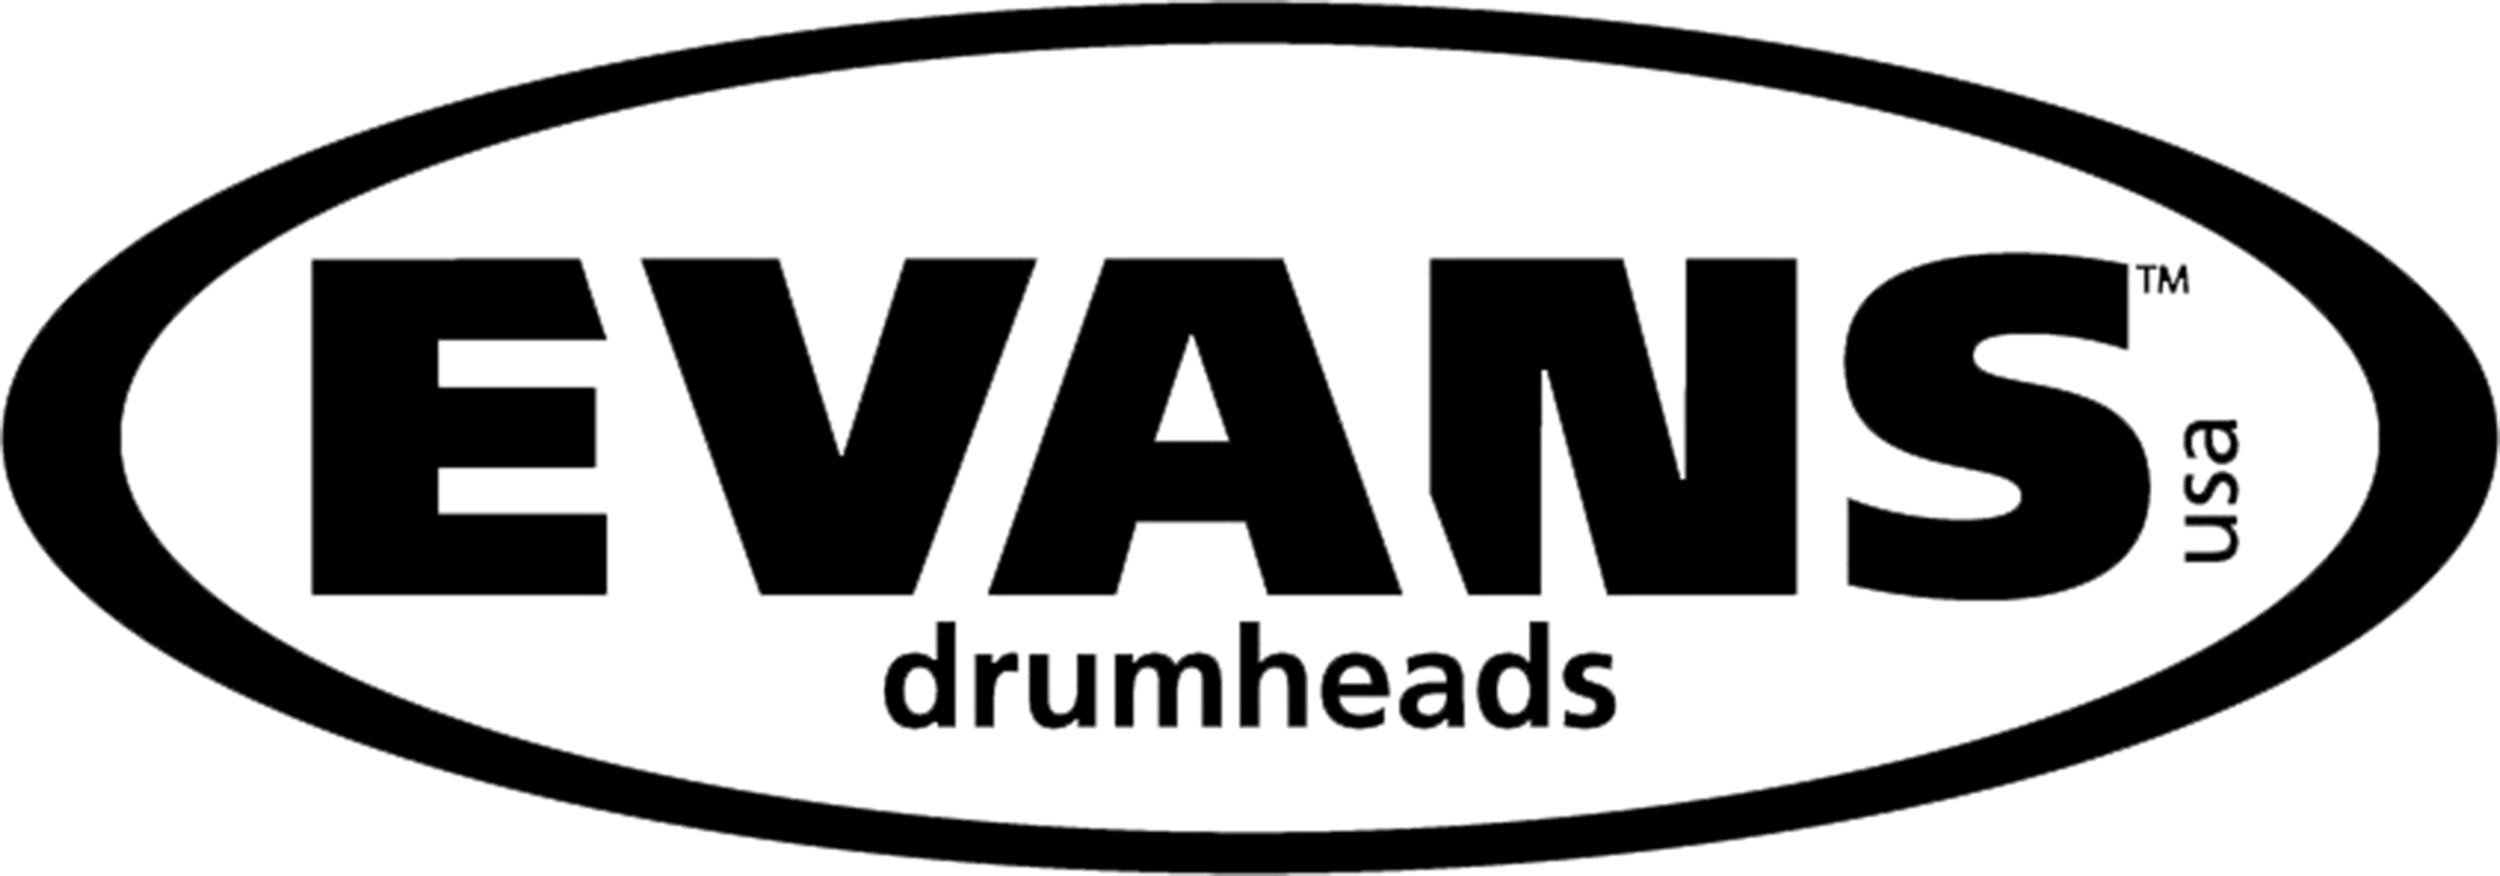 evans logo black.png